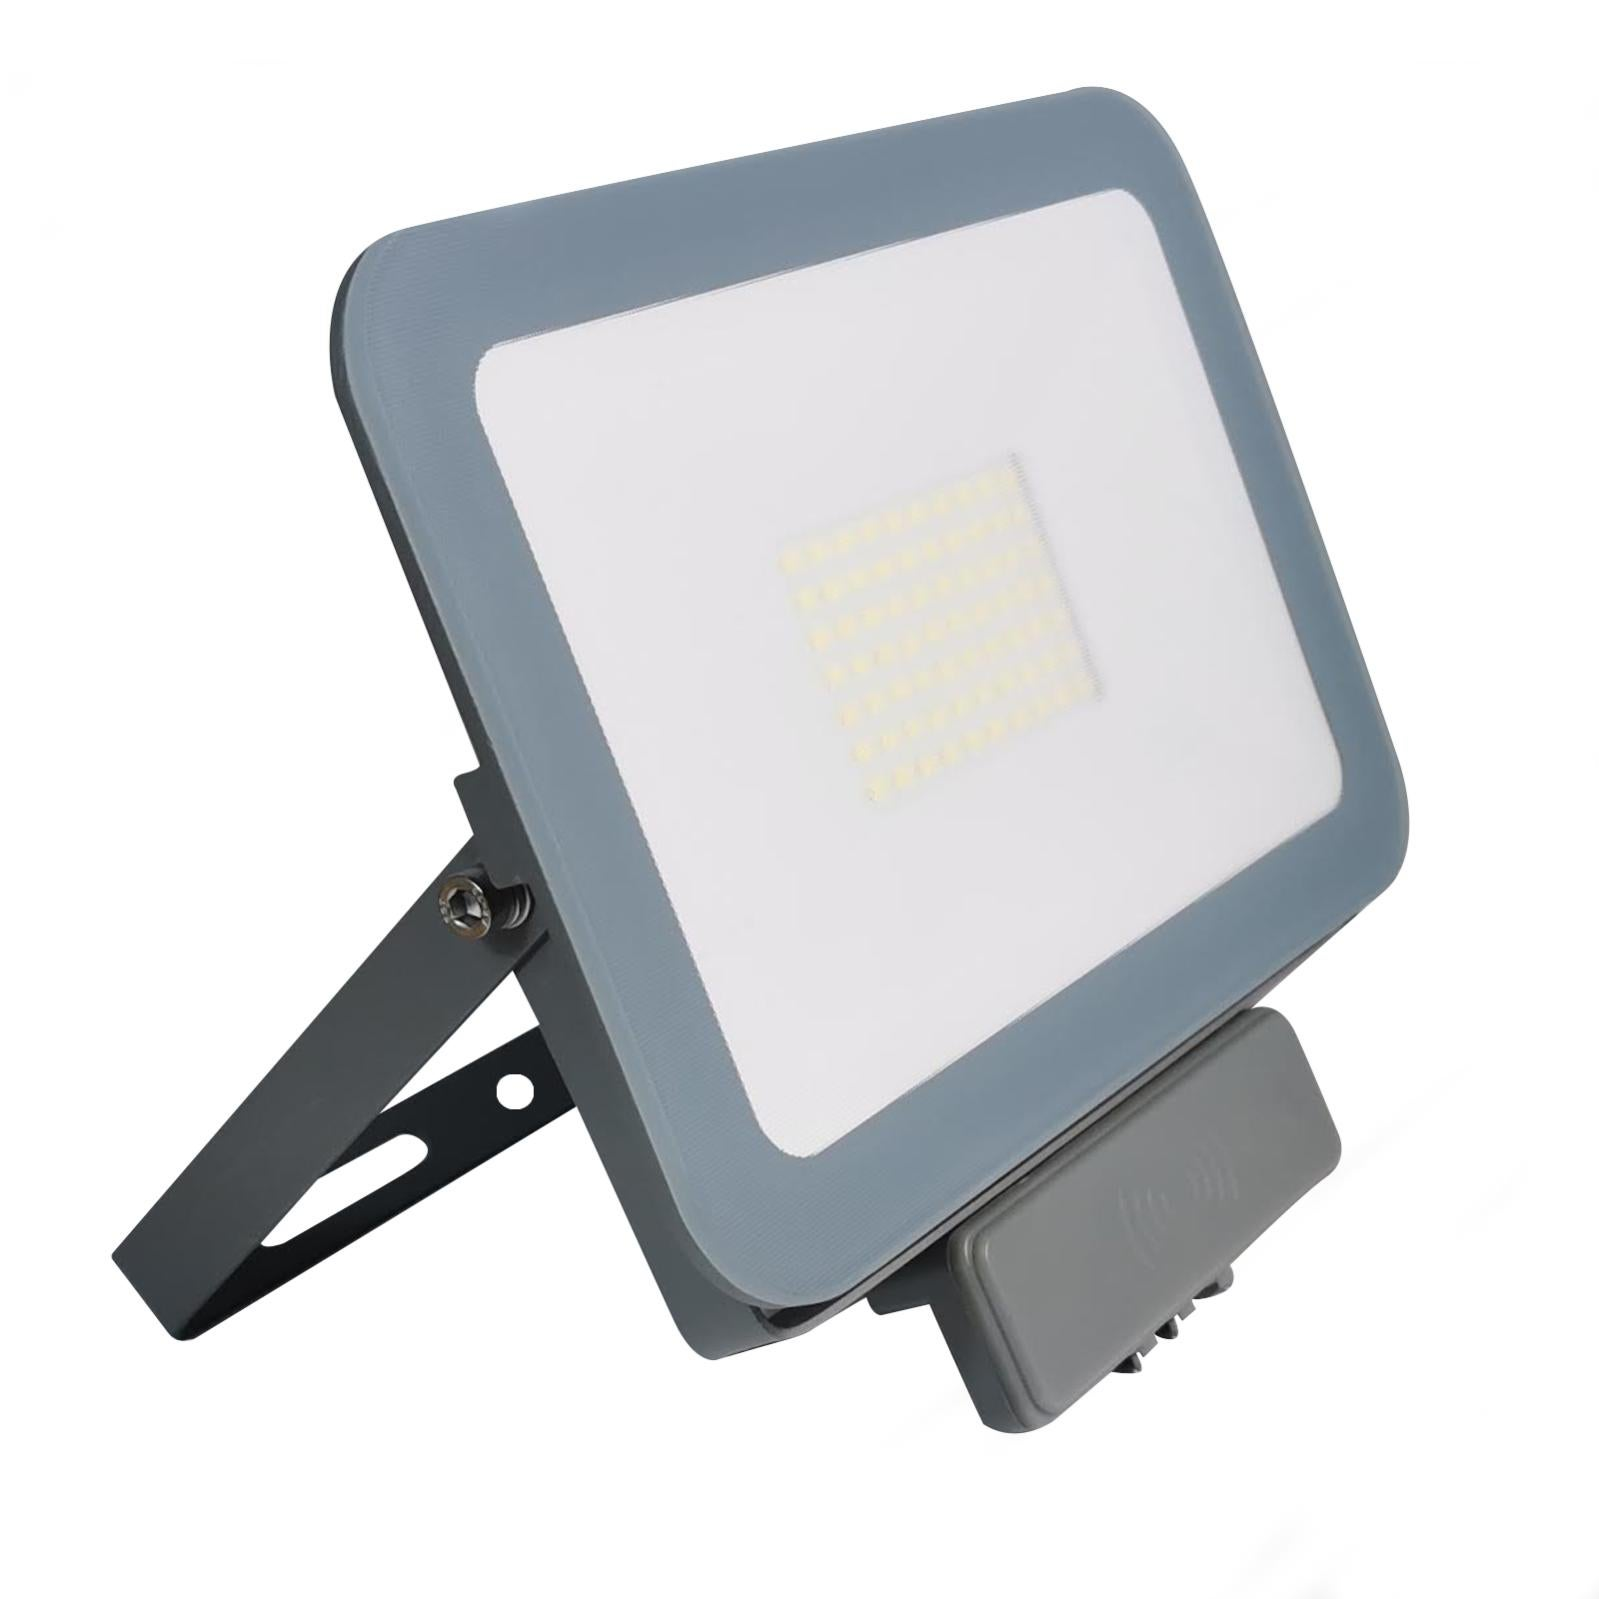 Patio Couloir etc Minger 50W Projecteur LED D/étecteur de Mouvement Eclairage Murale Ext/érieur /Étanche 6000K 4000LM Lumi/ère Lampe de S/écurit/é Id/éal pour Jardin Terrasse